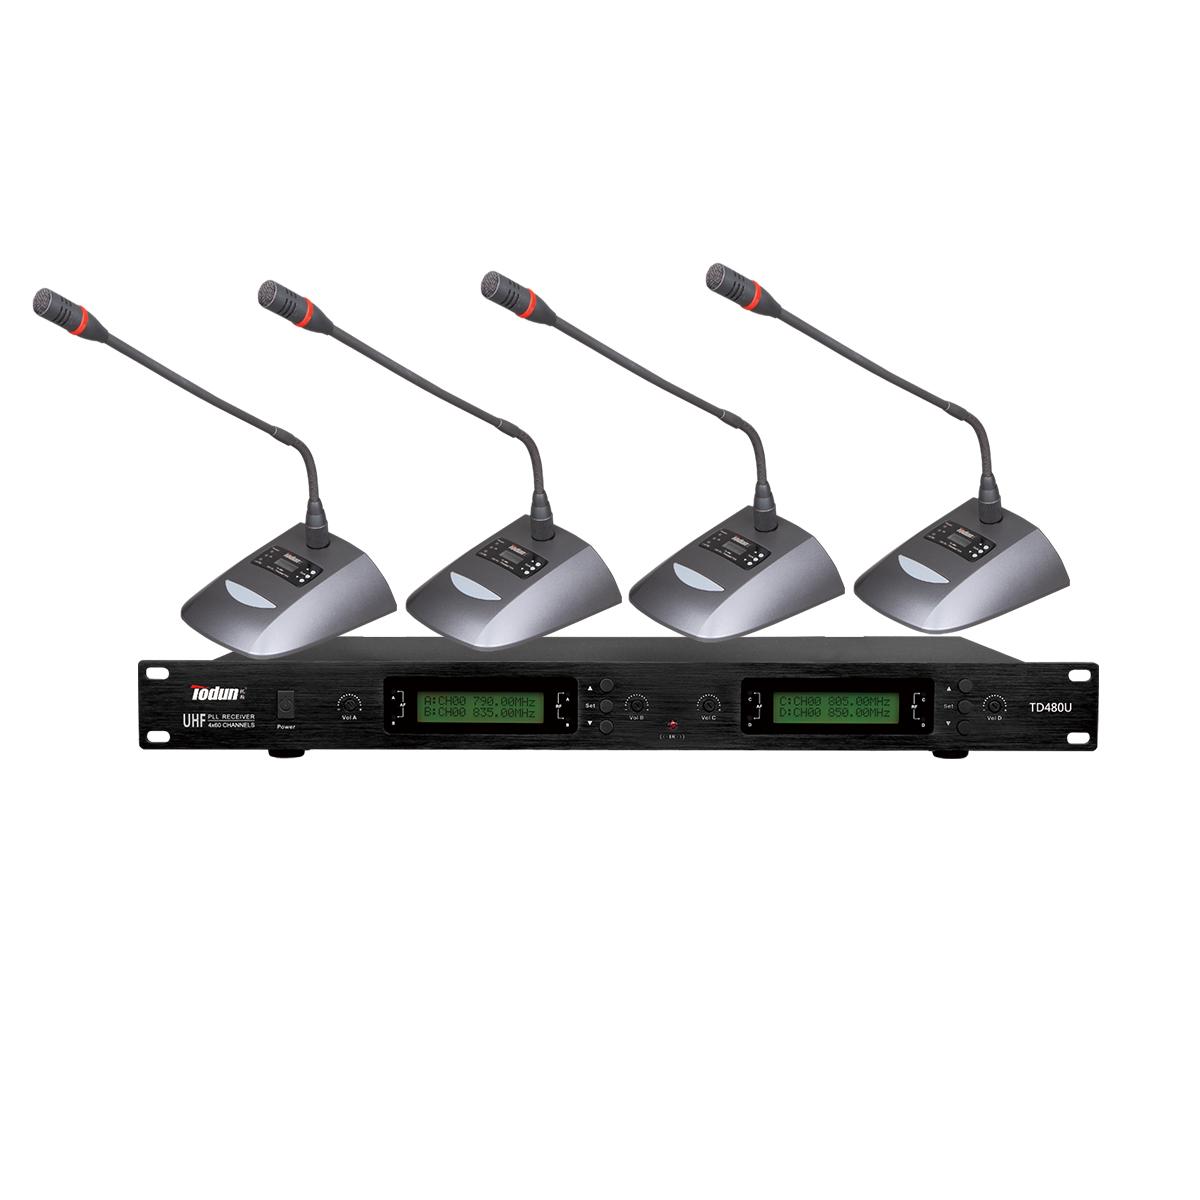 托顿TD480U 无线鹅颈话筒 U段 一拖四无线会议系统